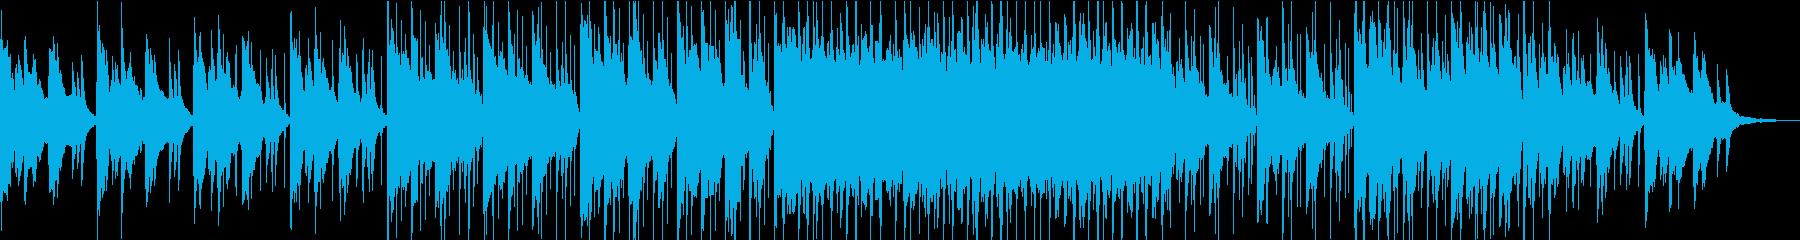 ピアノのイントロが爽やかなポップスの再生済みの波形